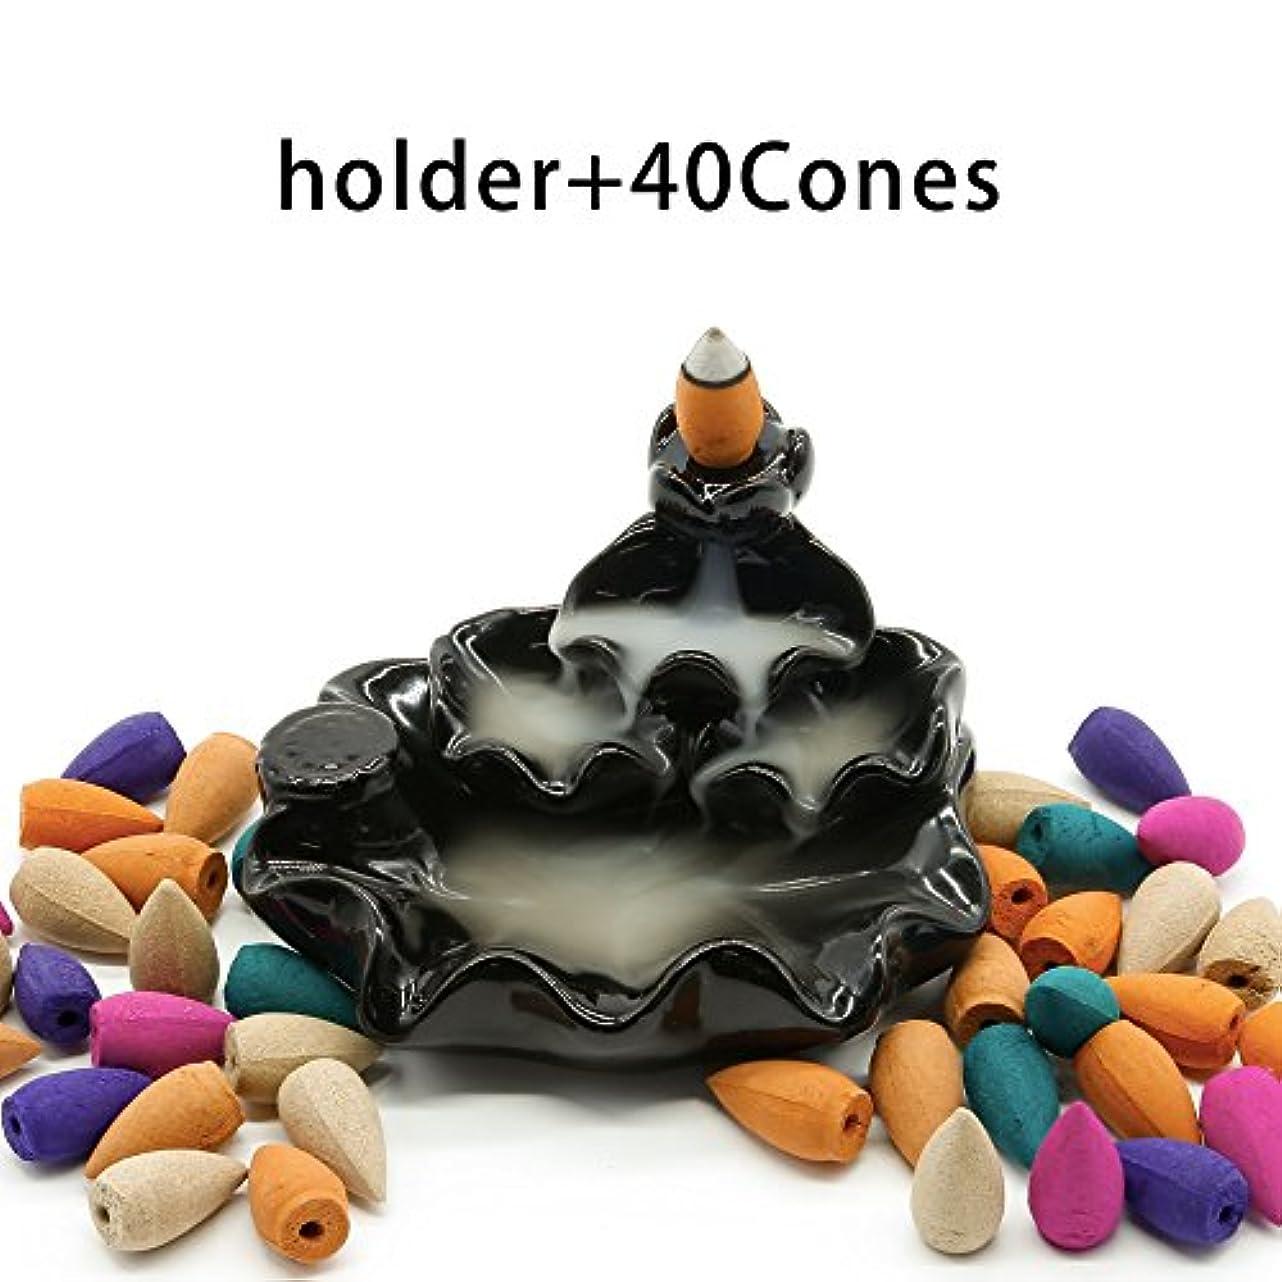 エンゲージメントみすぼらしい退院omonic Zen Gardenセラミック逆流香炉、さまざまなミックスアロマセラピーIncense Conesとホルダー/バーナーセット、Include 40 Cones ( 8種類アソート)